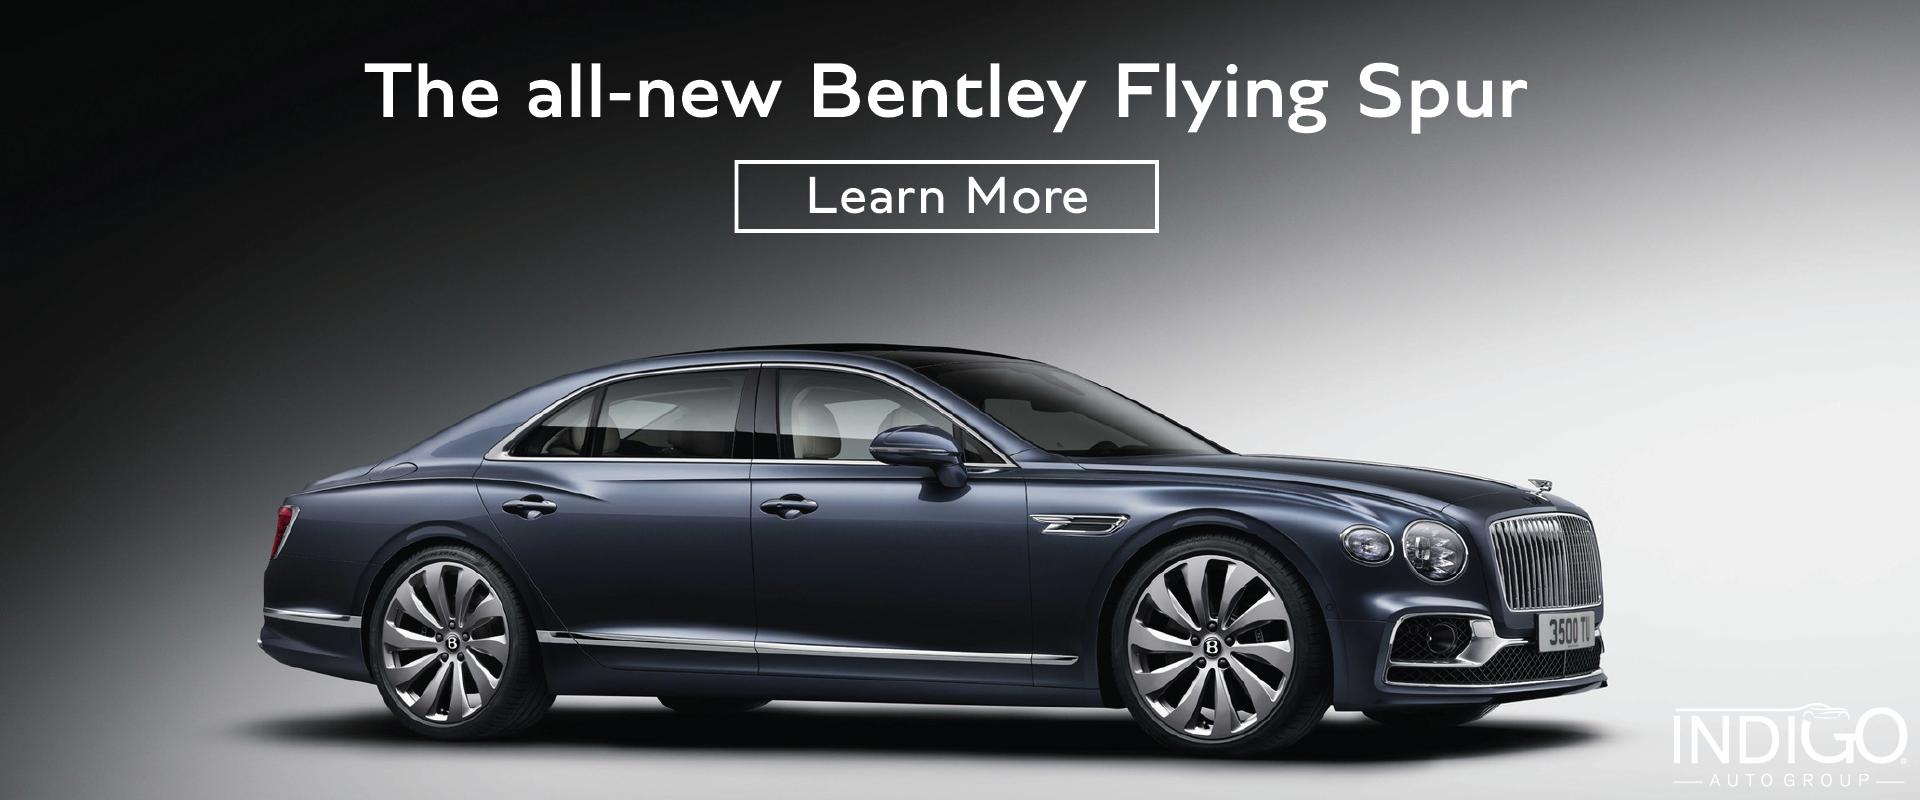 New Pre Owned Bentley Cars Rancho Mirage Ca Bentley Dealers